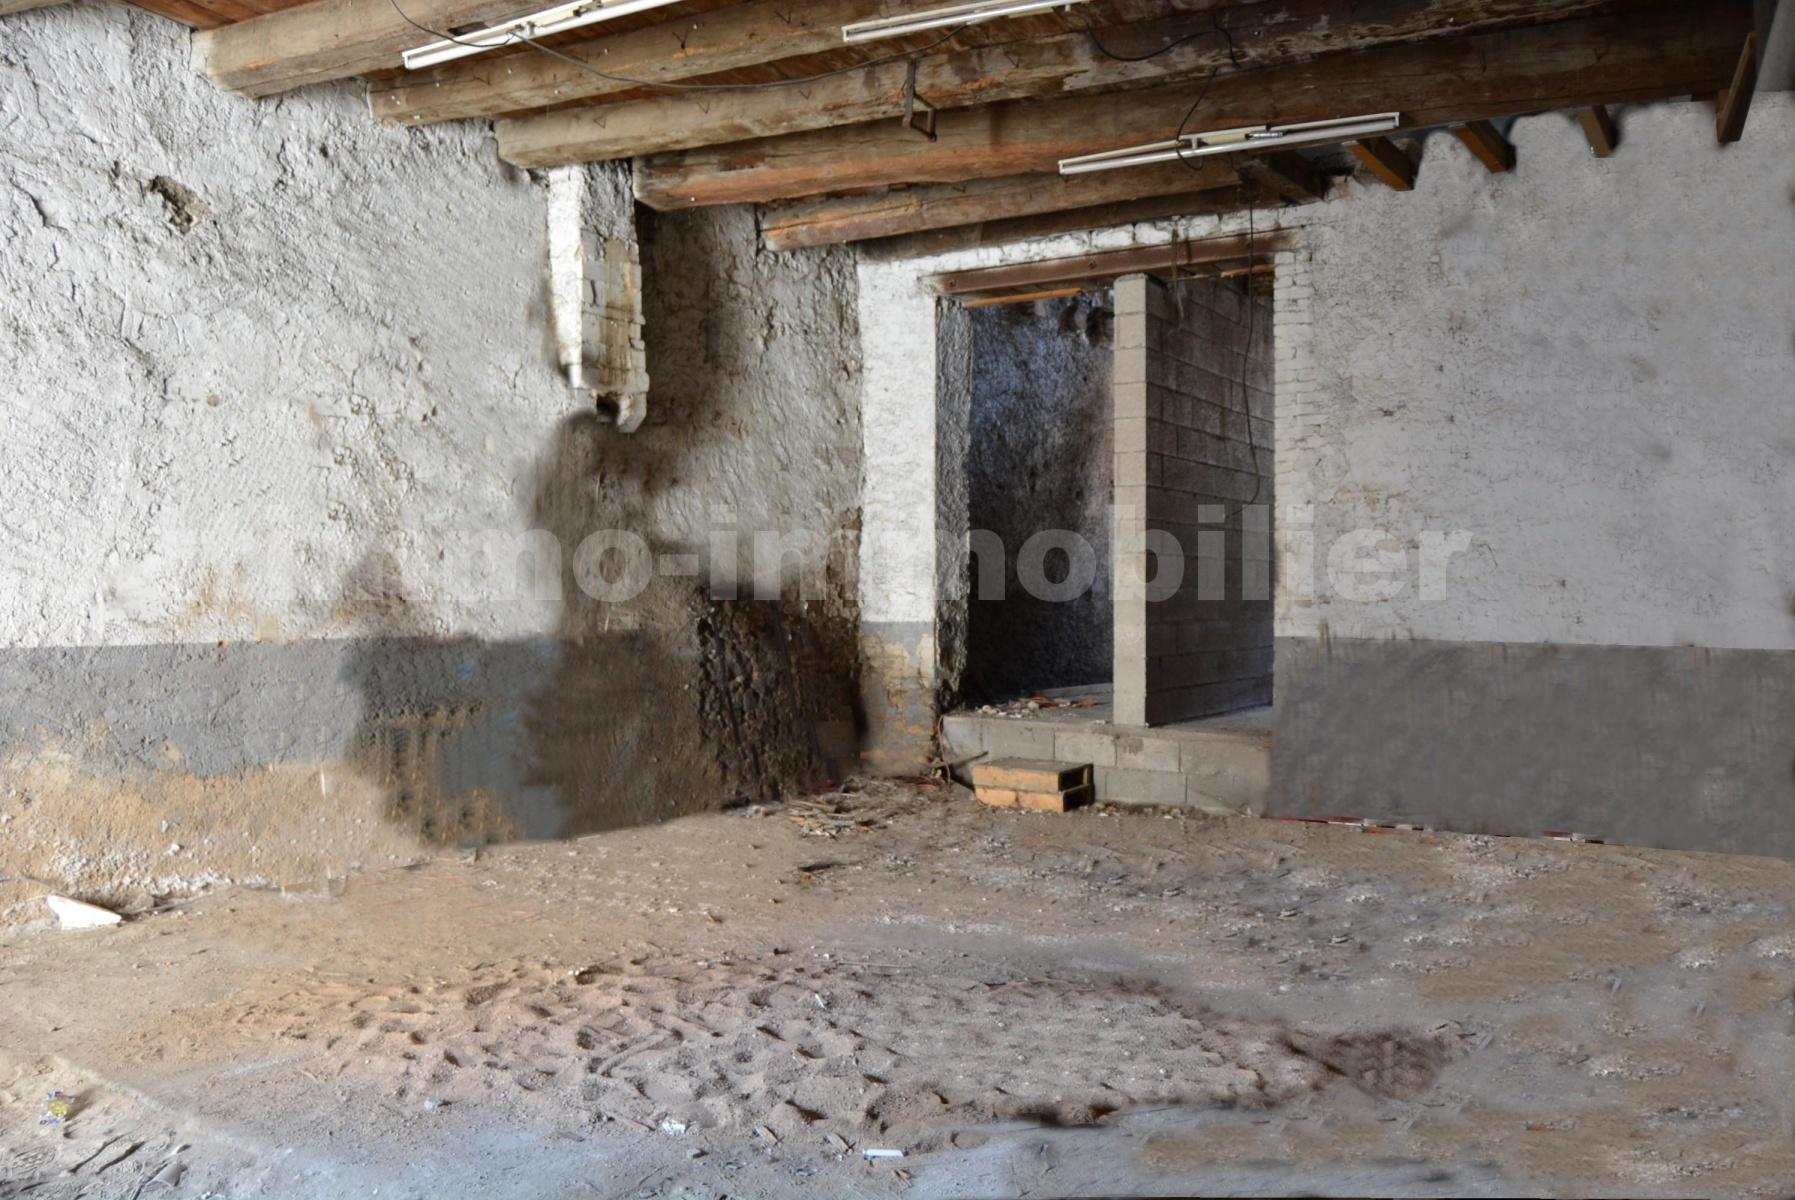 Annonce vente maison toul 54200 210 m 44 000 for Maison toul